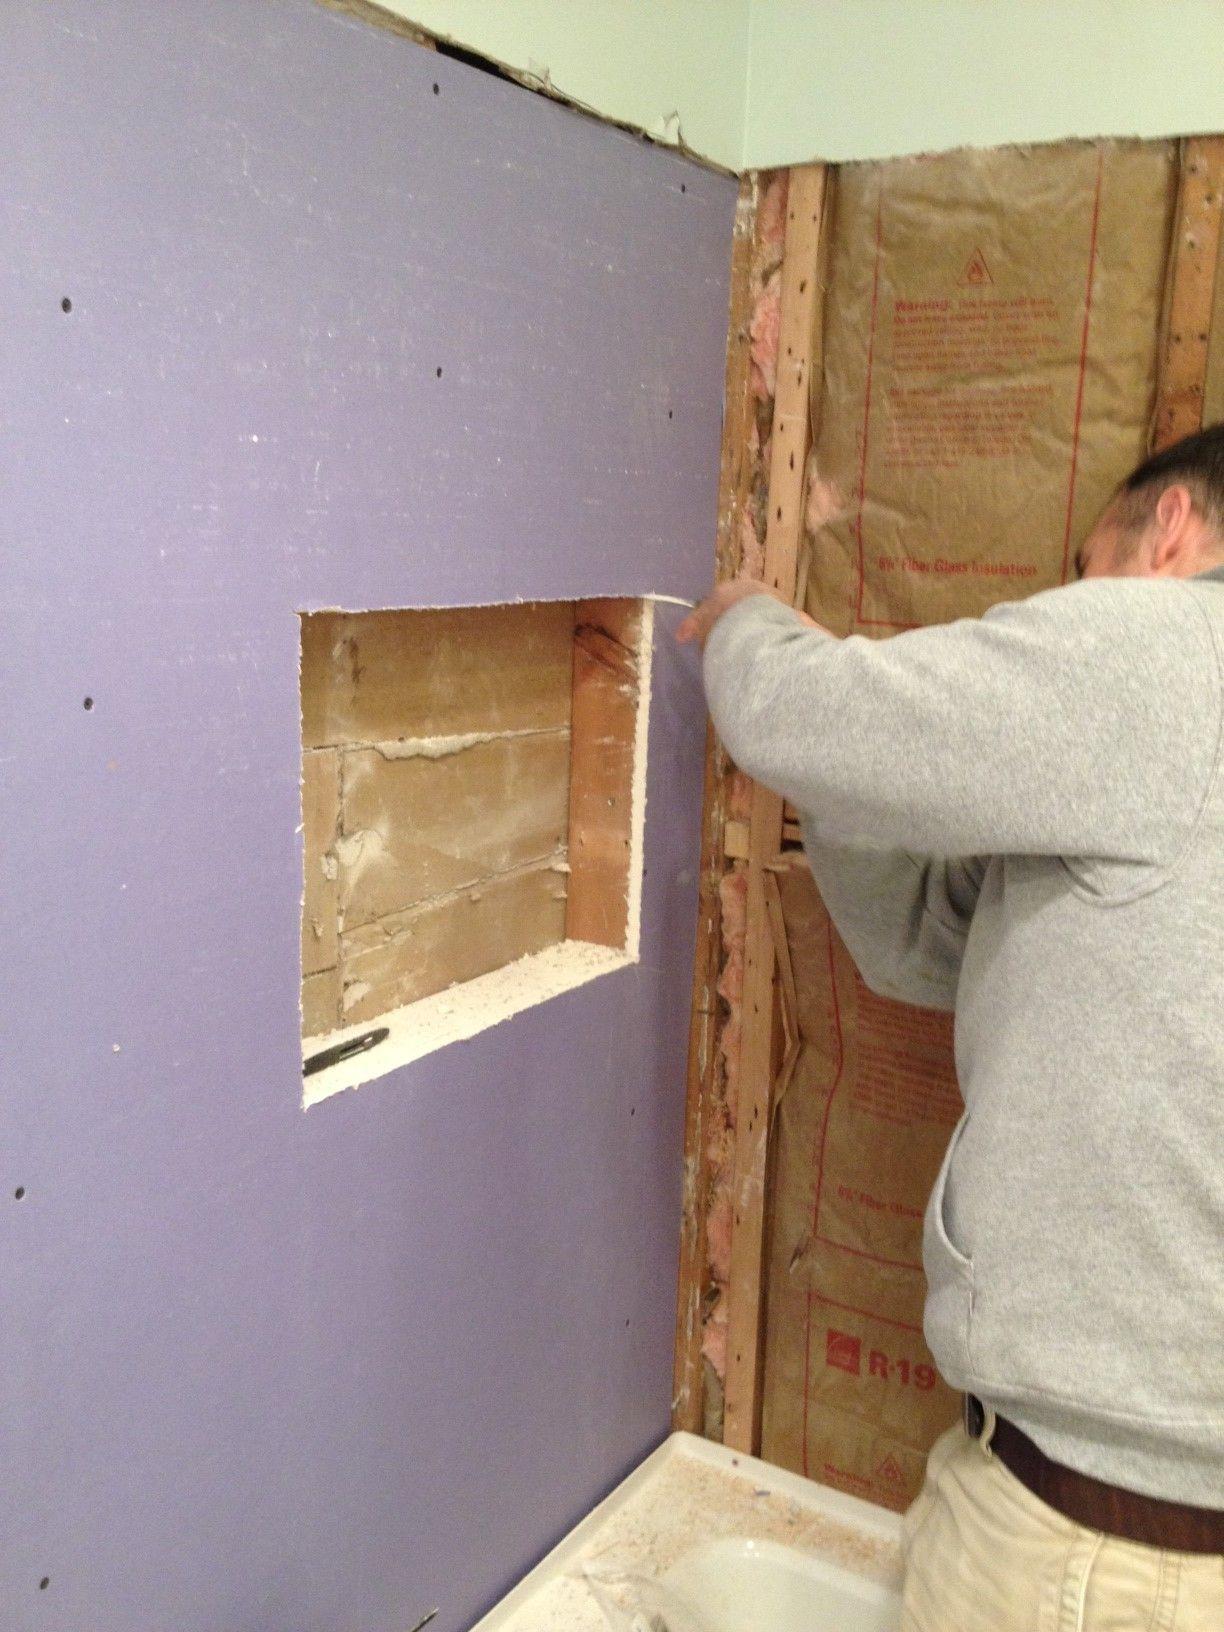 Tile Installation & Bath Tub Installation in Maitland, FL ...